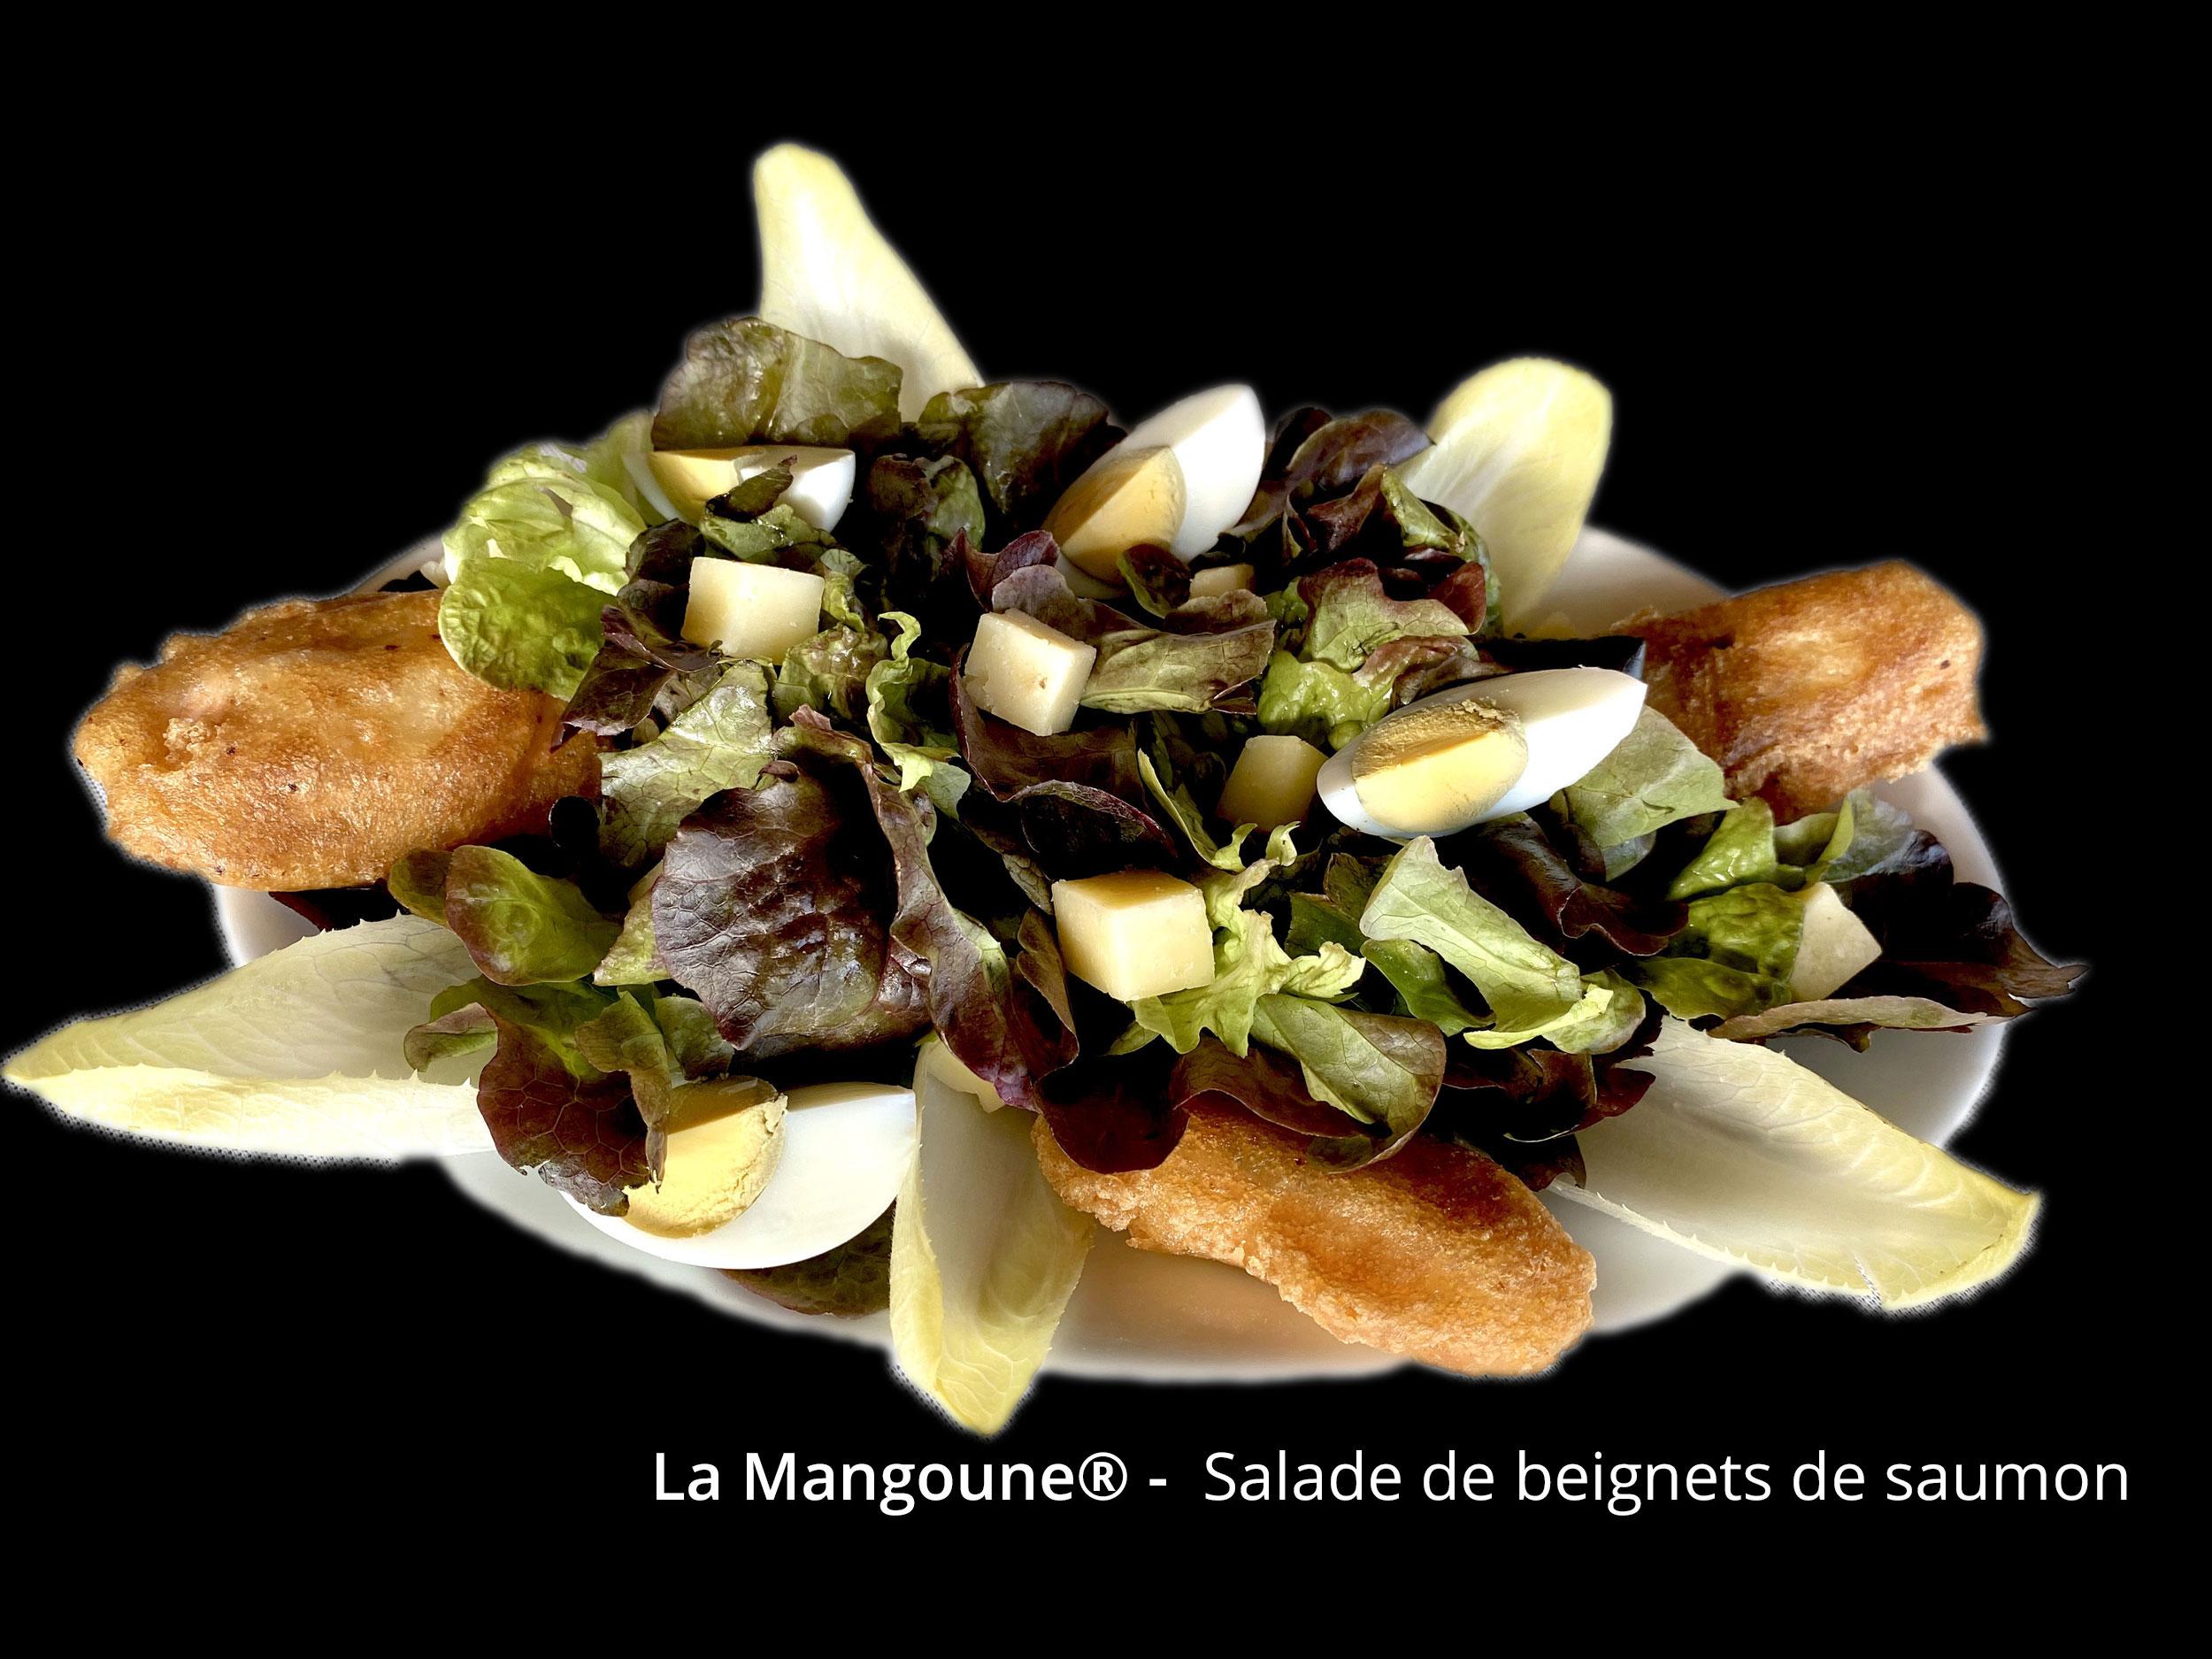 Salade de beignets de saumon